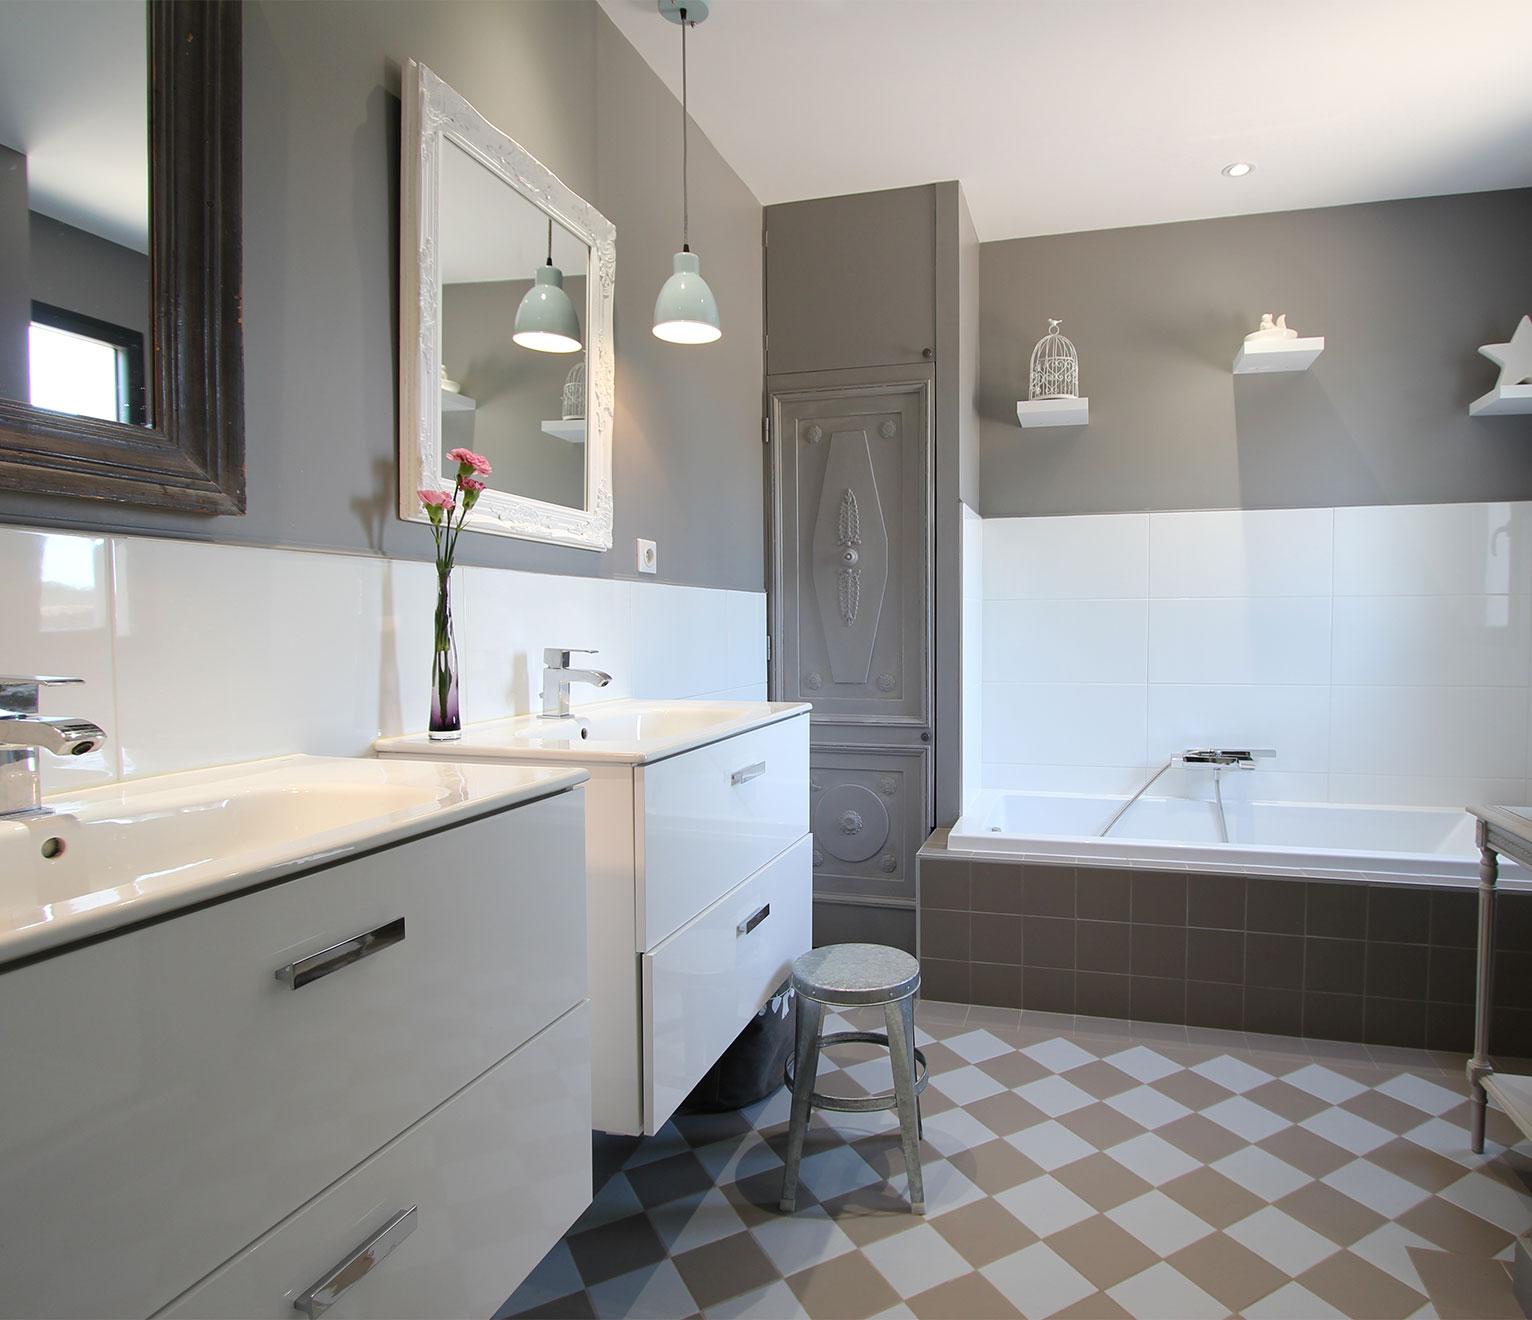 Salle De Bain 2017 10 salles de bains pour enfants pratiques et ludiques - quel